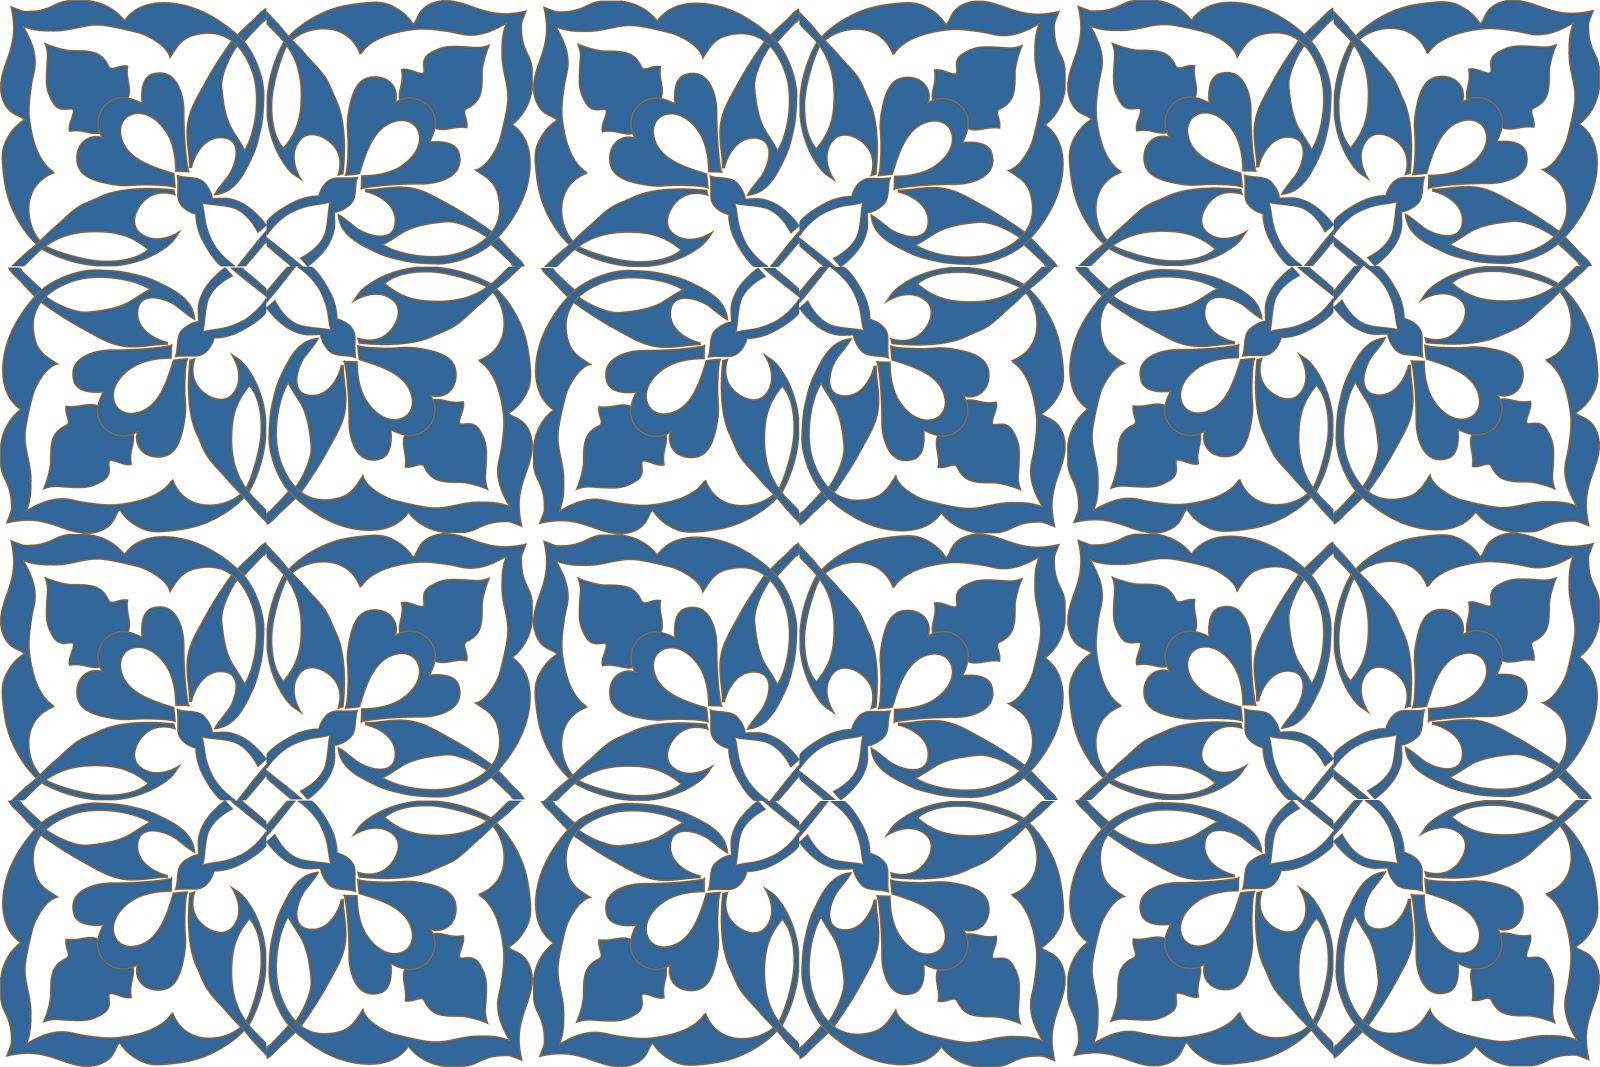 design likewise spanish - photo #18